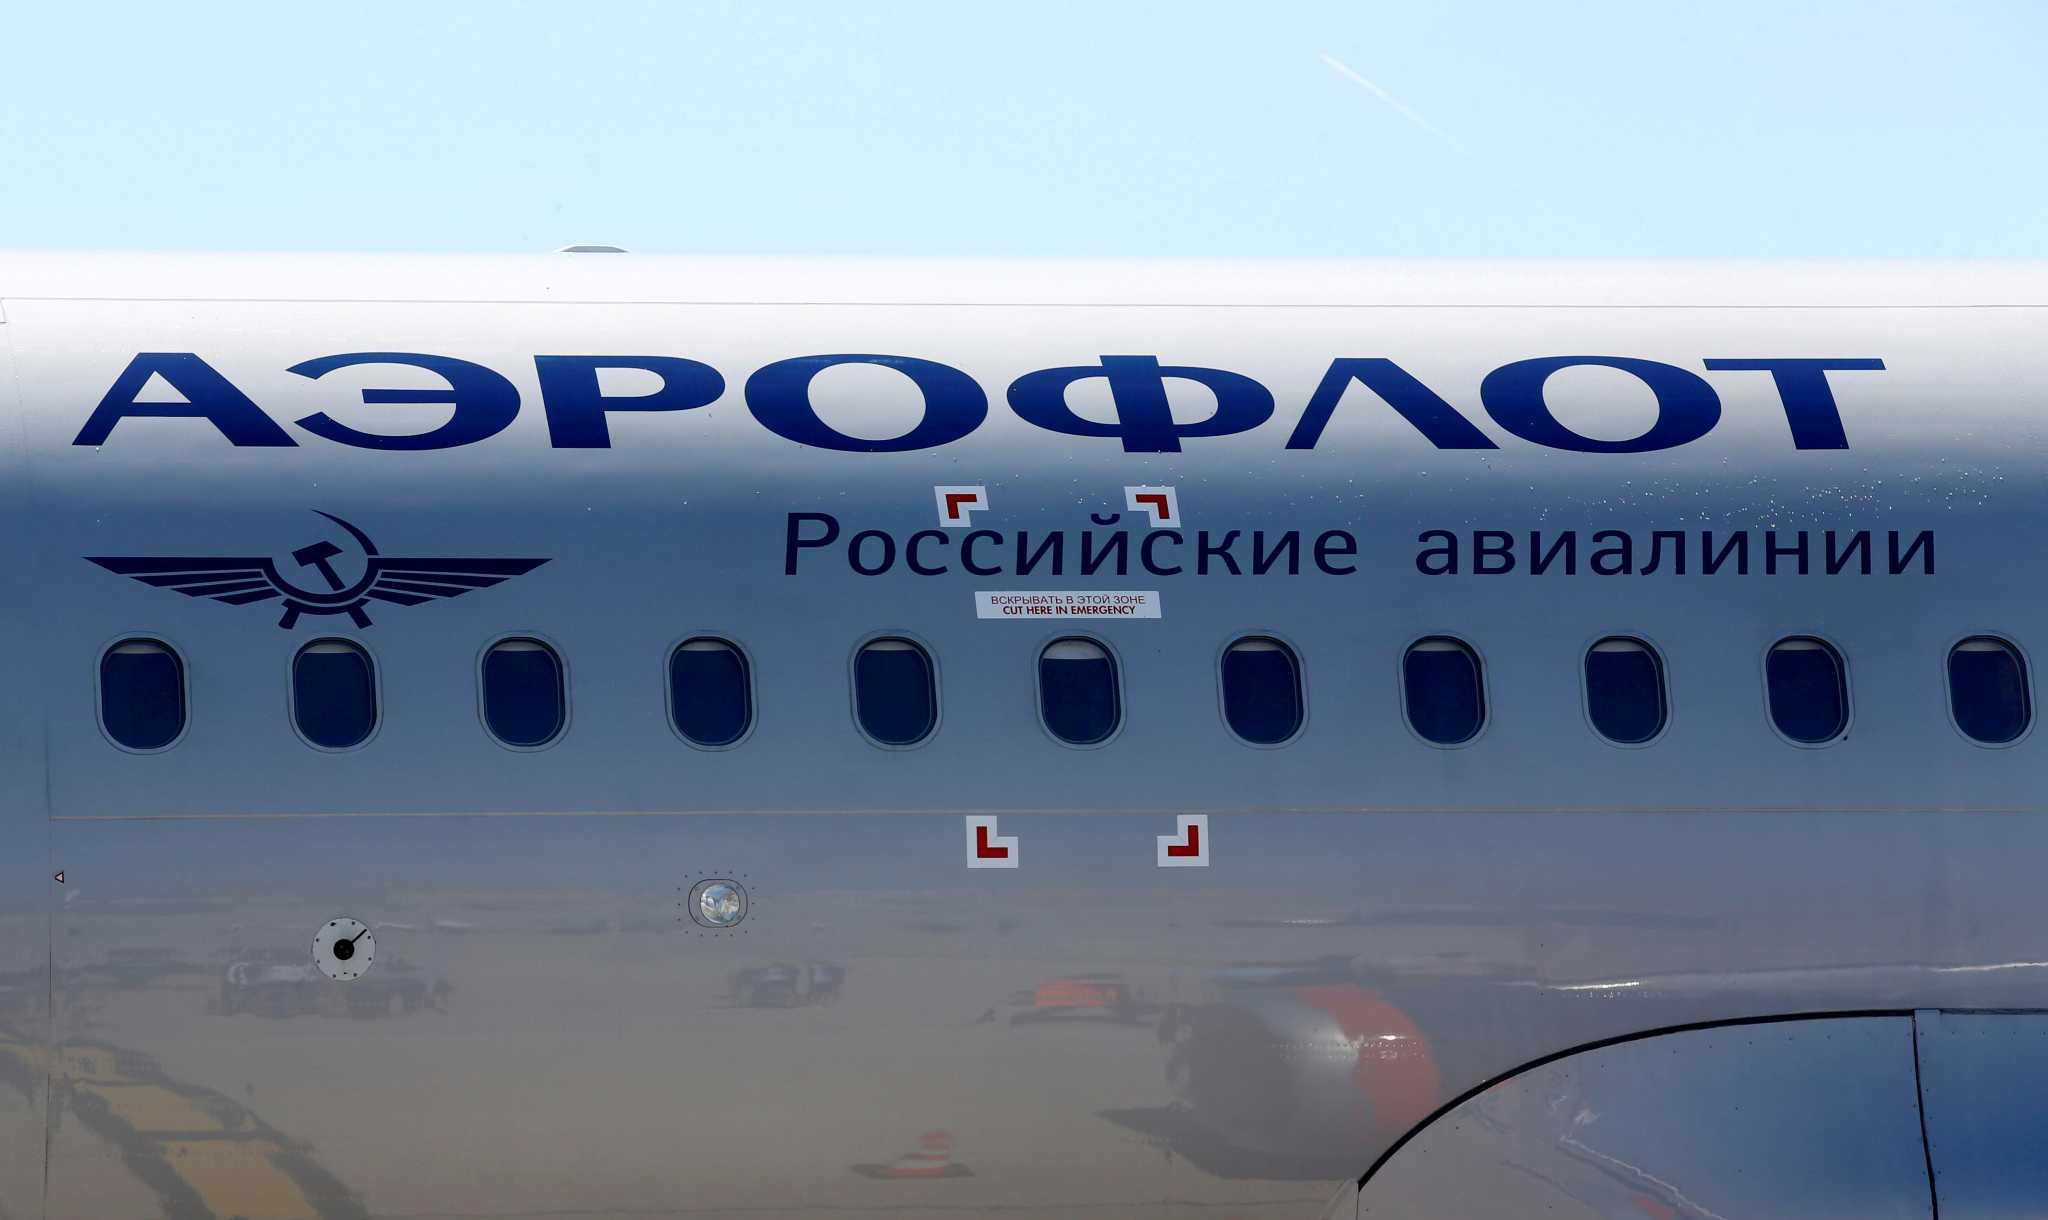 Τουρκία: Οι Ρωσικοί περιορισμοί στις πτήσεις κοστίζουν 500.000 τουρίστες